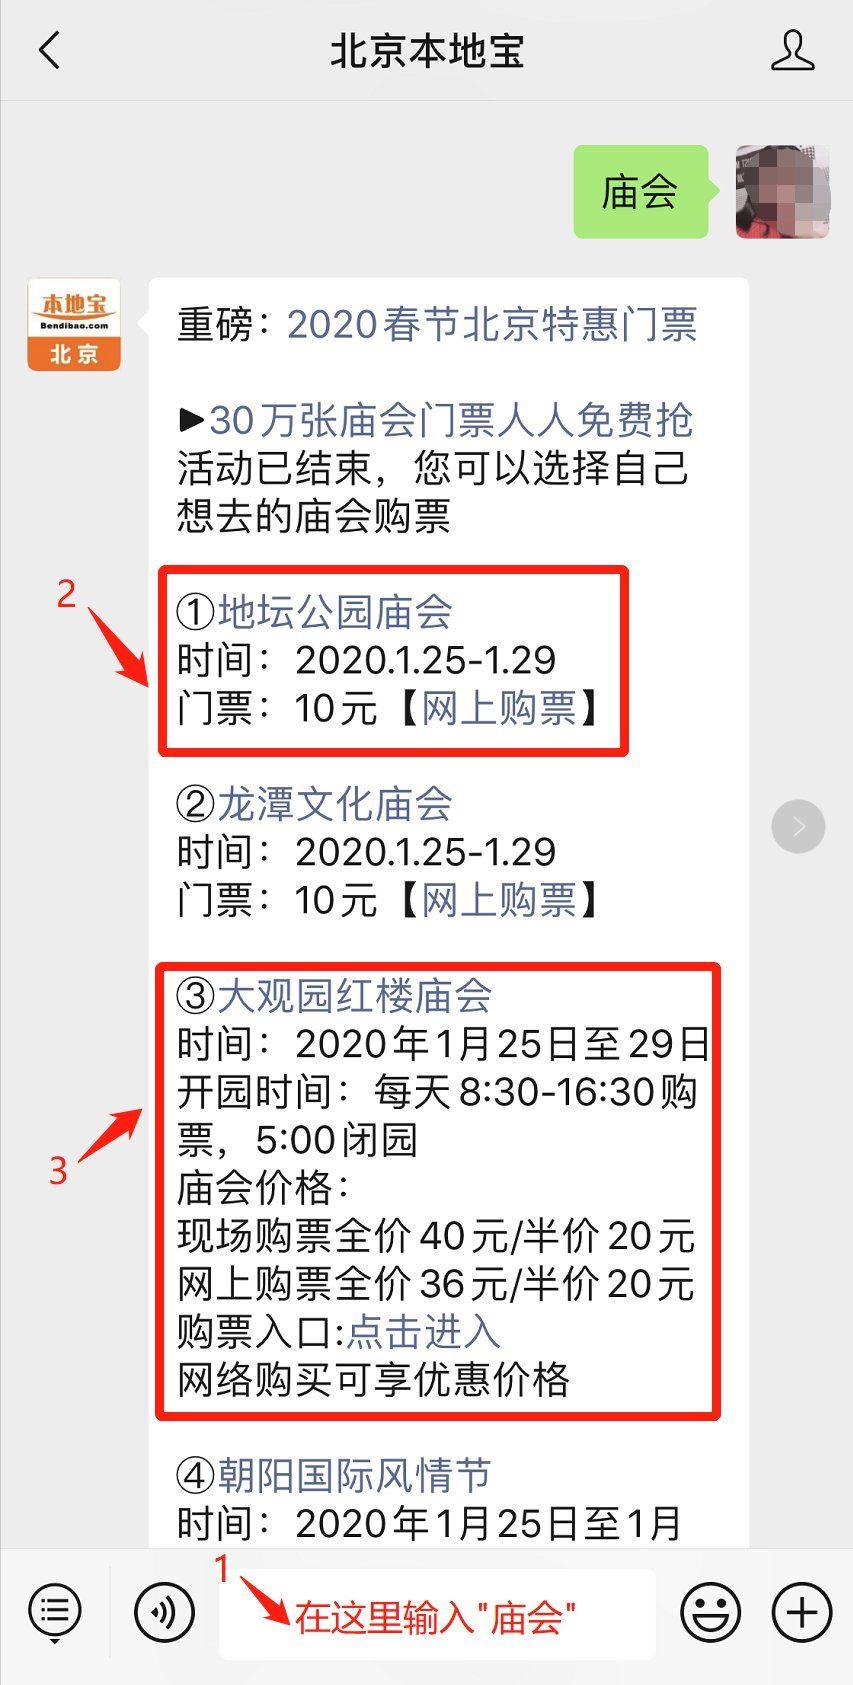 2020北京春节限行吗?交管局官方公告